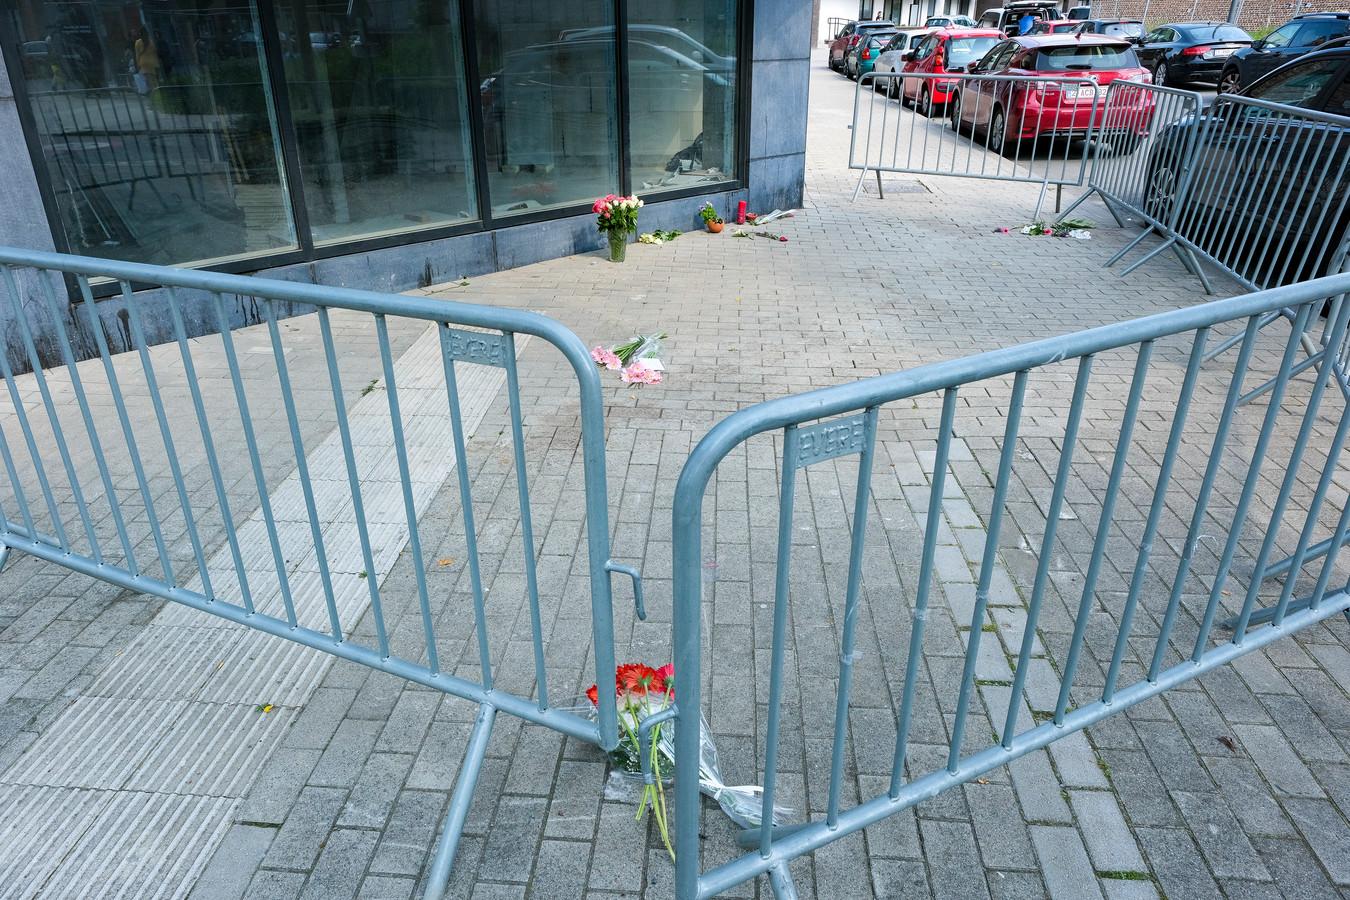 vrouw vermoord op straat in Evere